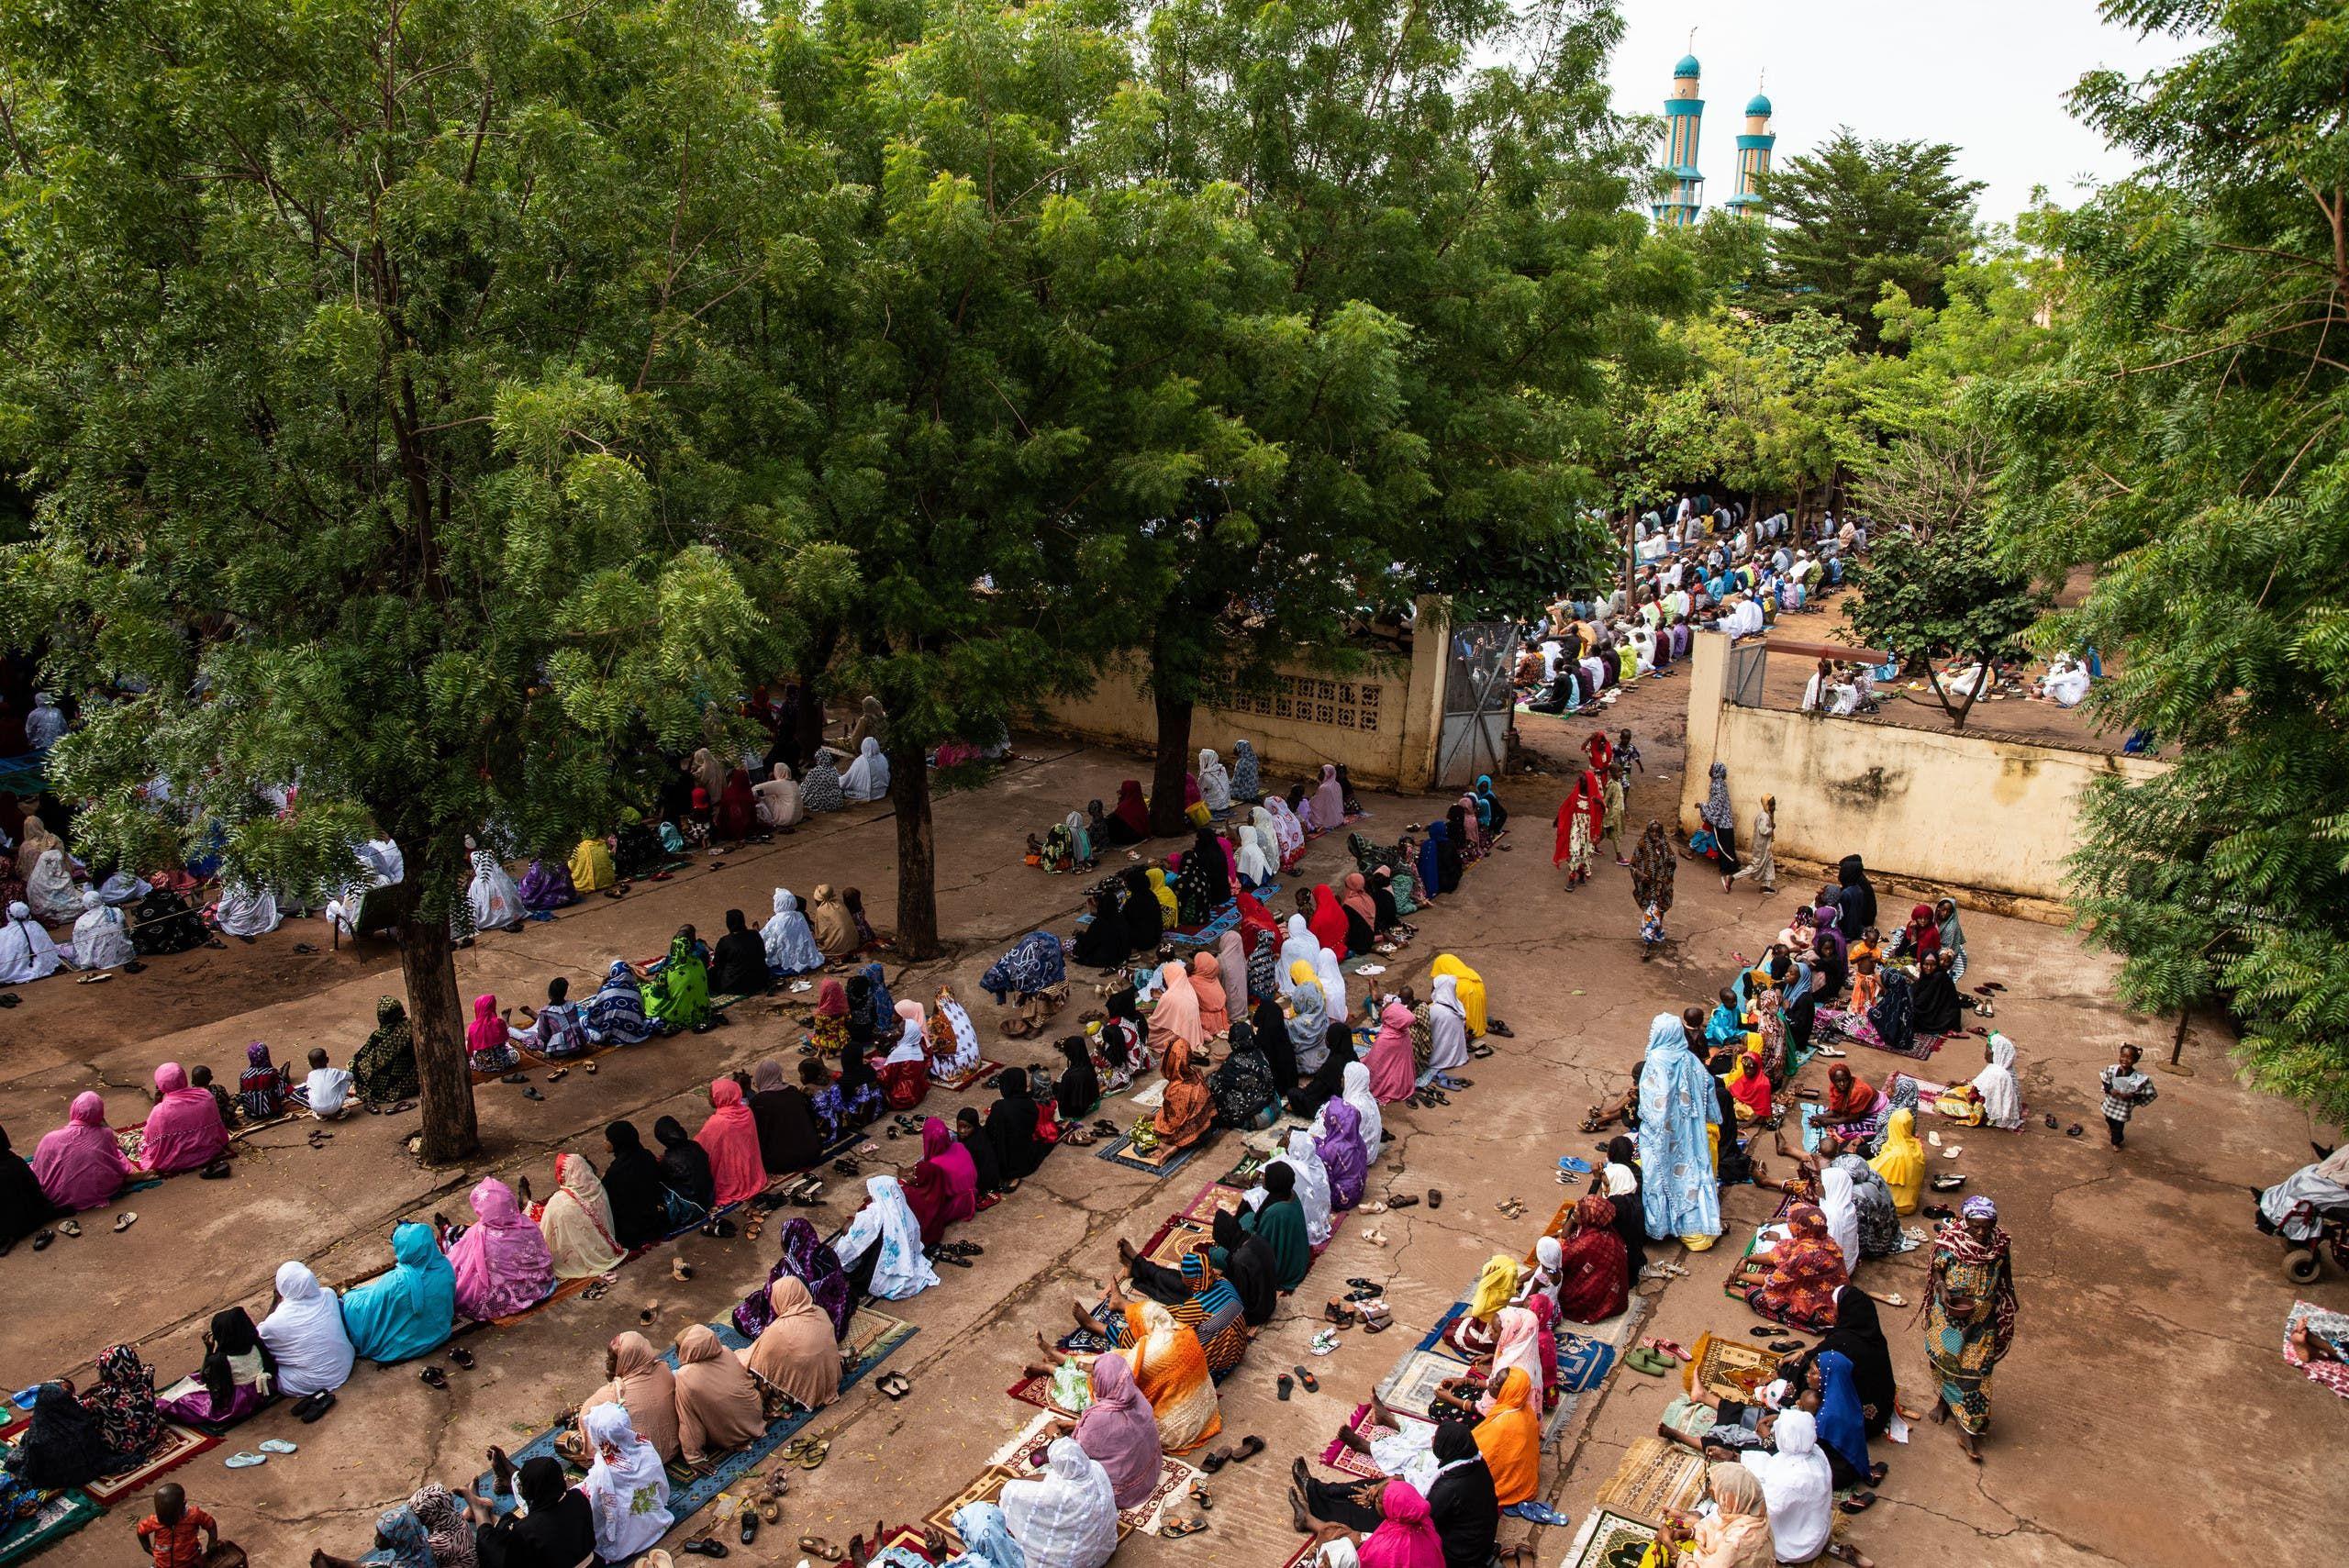 مصلون في باحة الجامع الكبير في باماكو اليوم بمناسبة عيد الأضحى